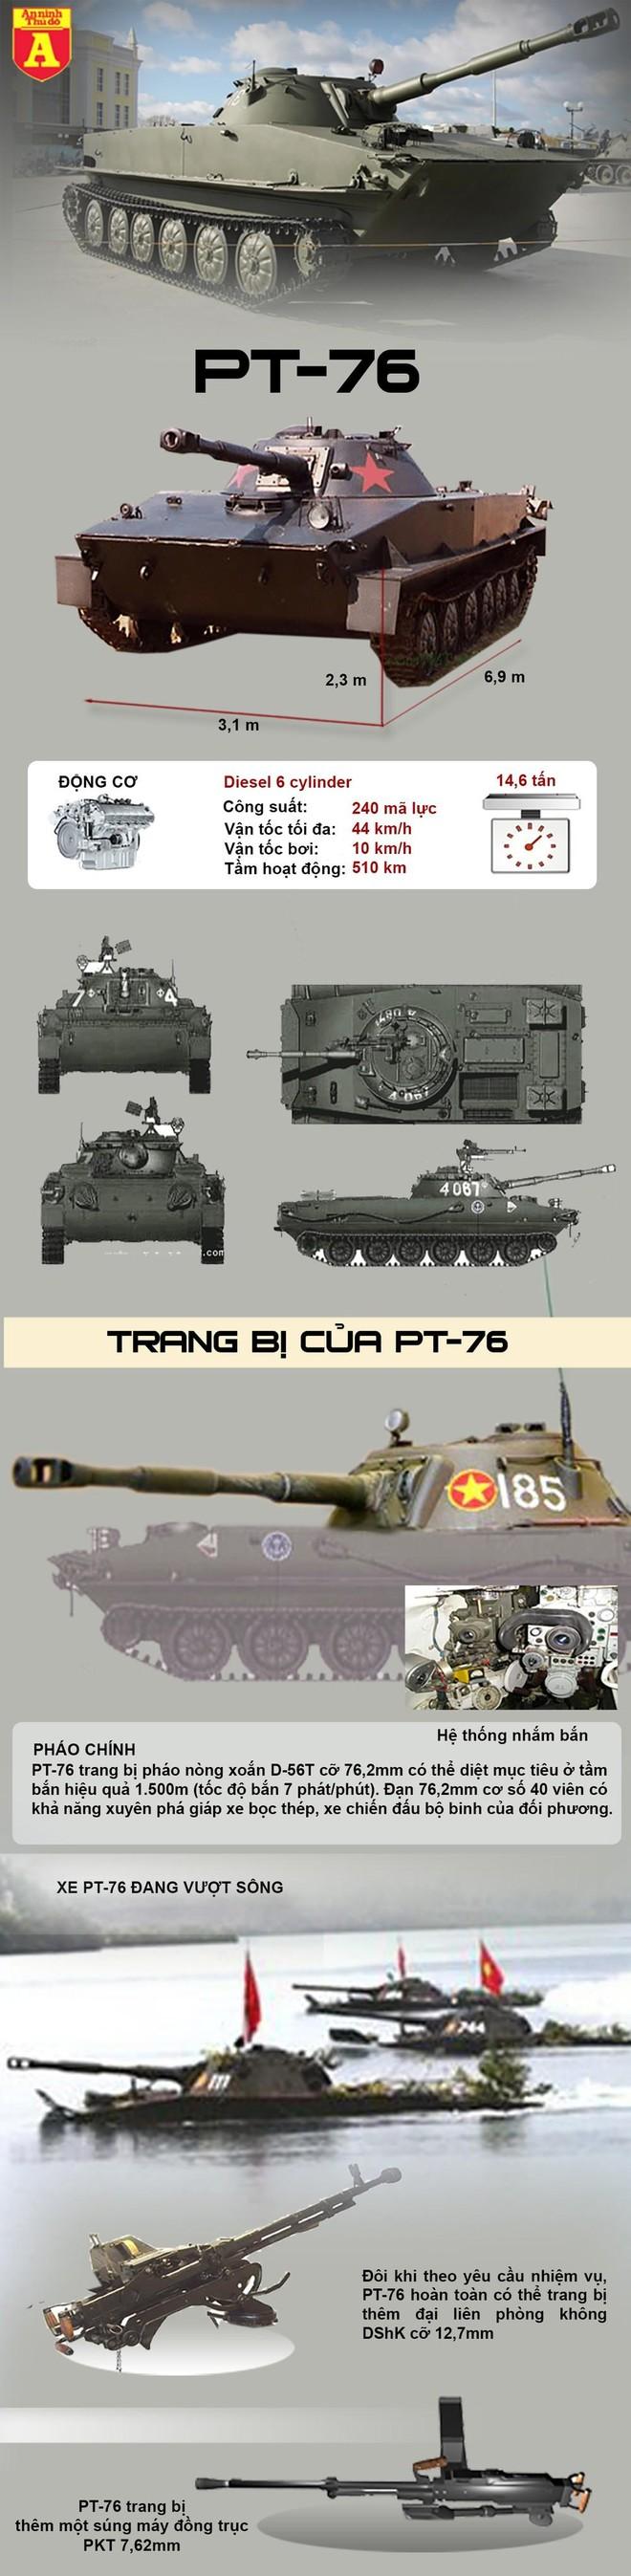 [Info] Việt Nam tự nâng cấp xe tăng lội nước PT-76 ảnh 3